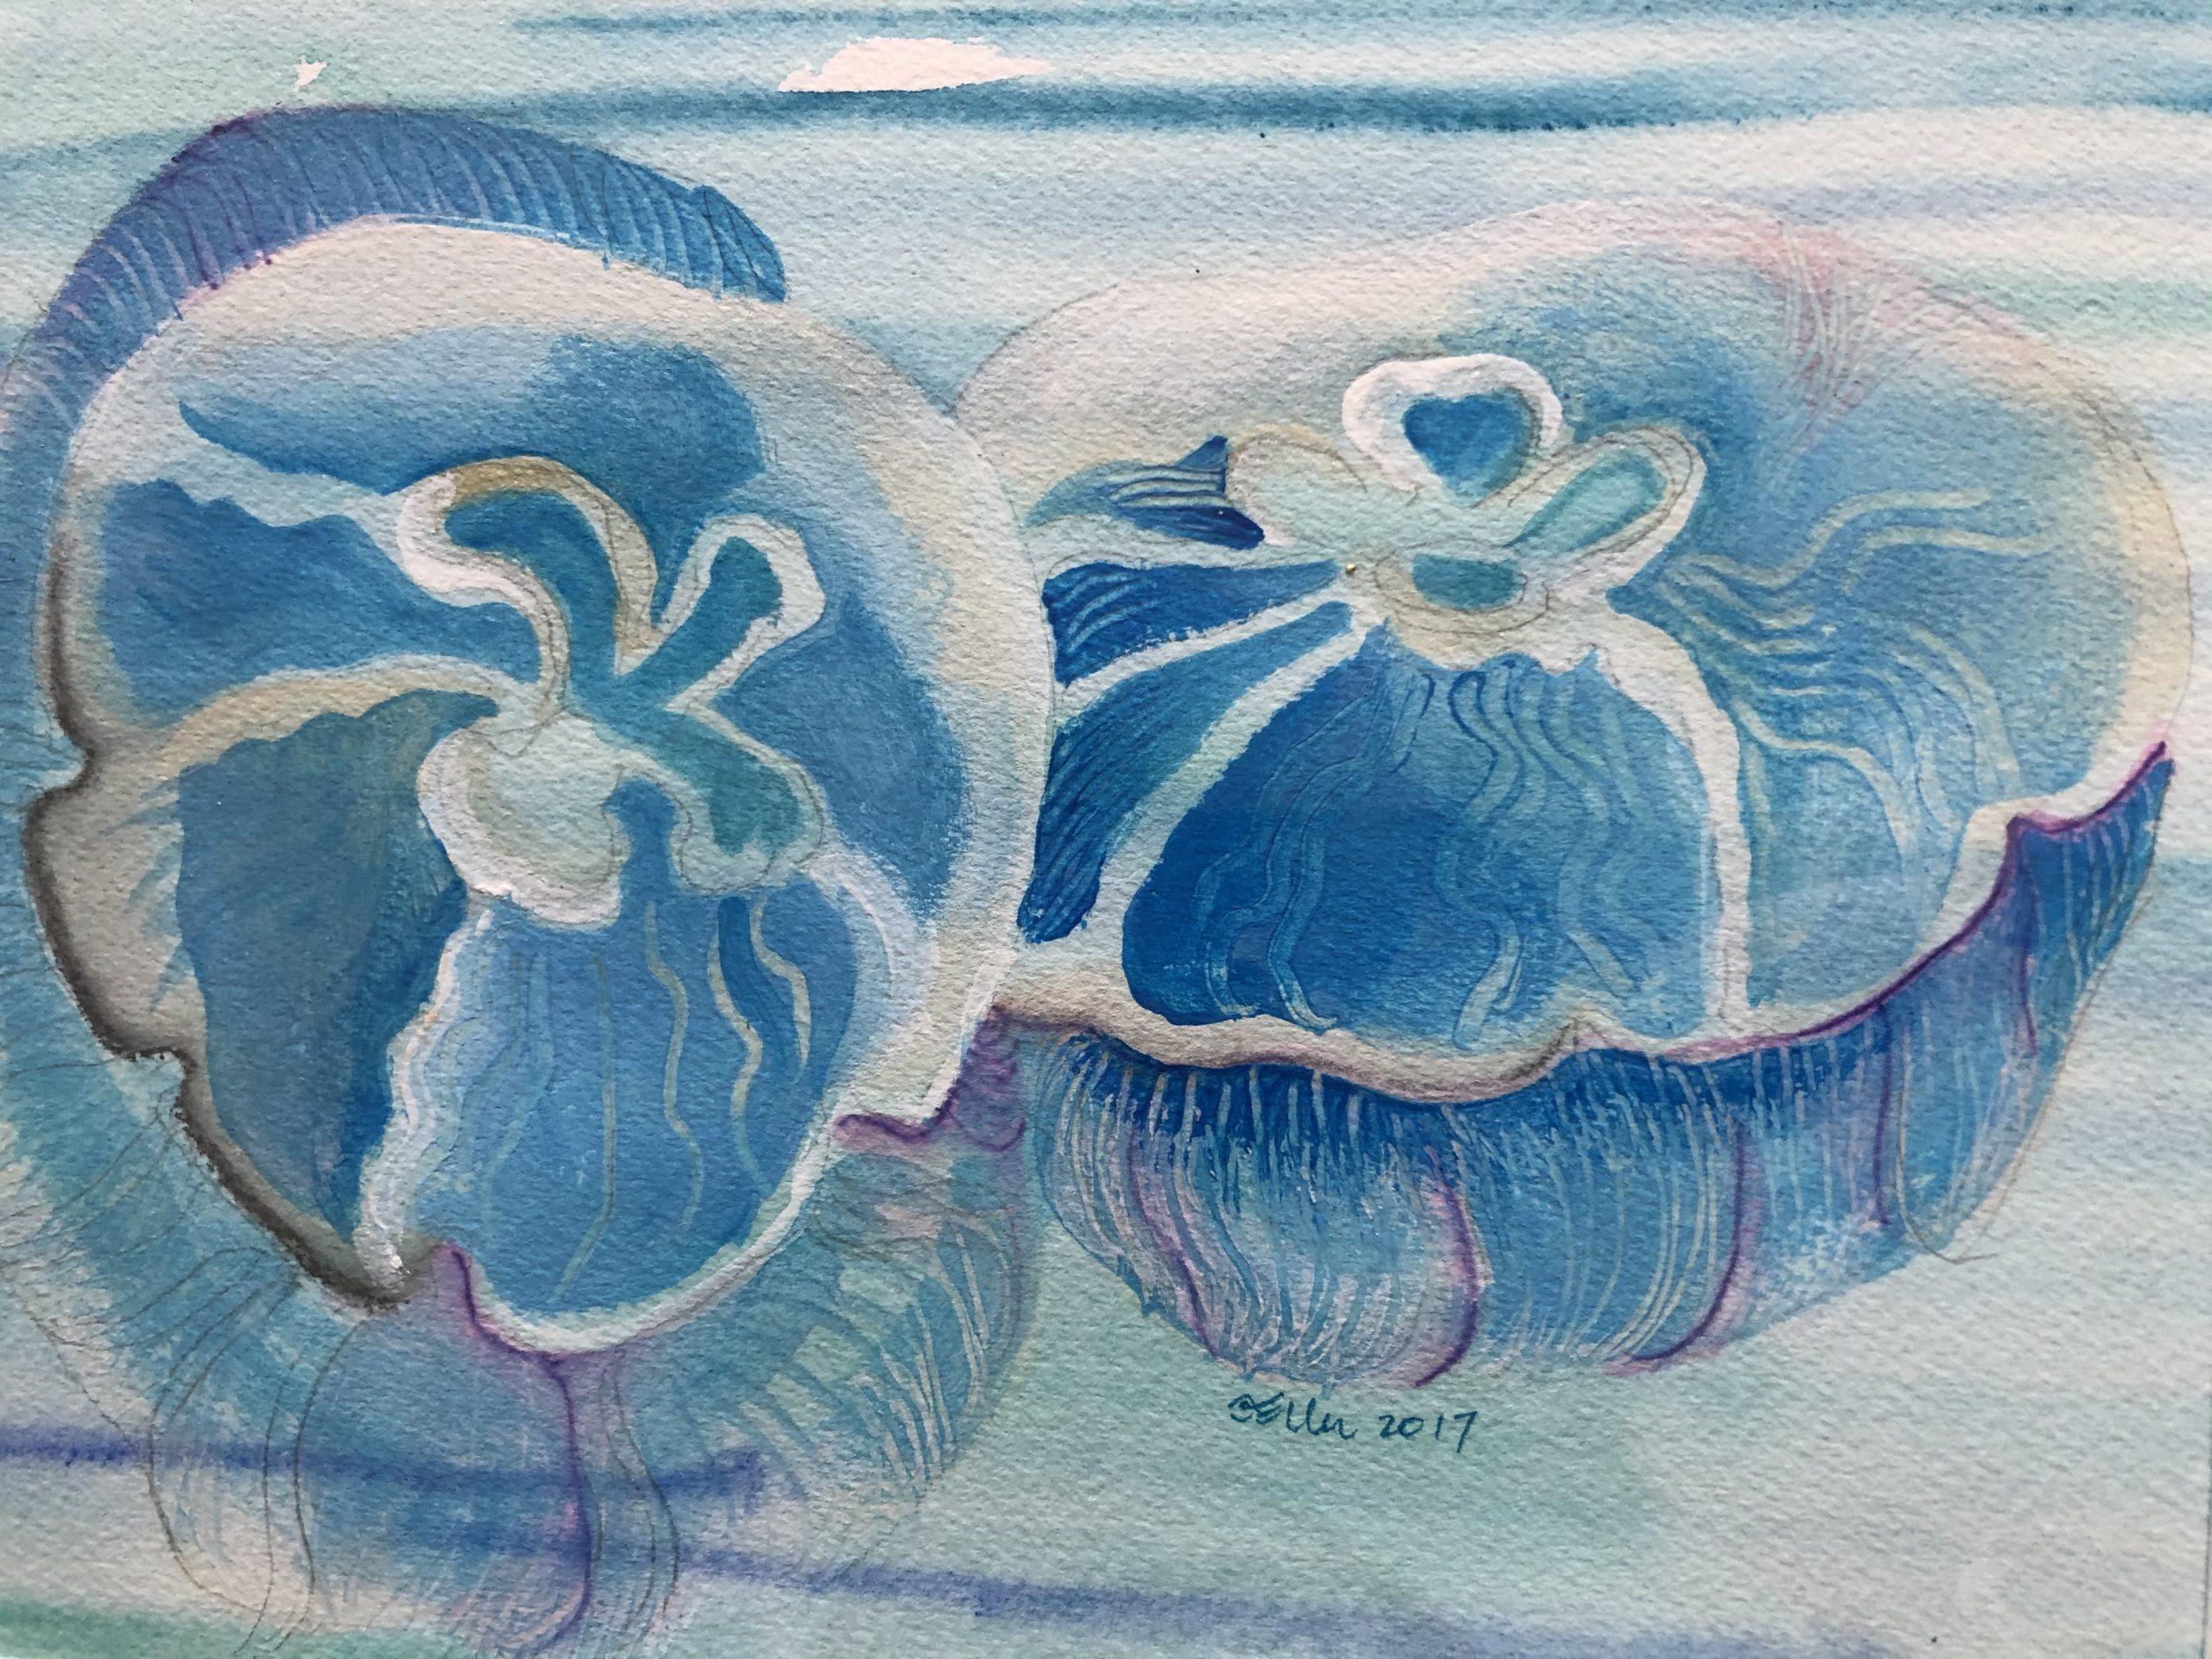 Art by Eileen Butler